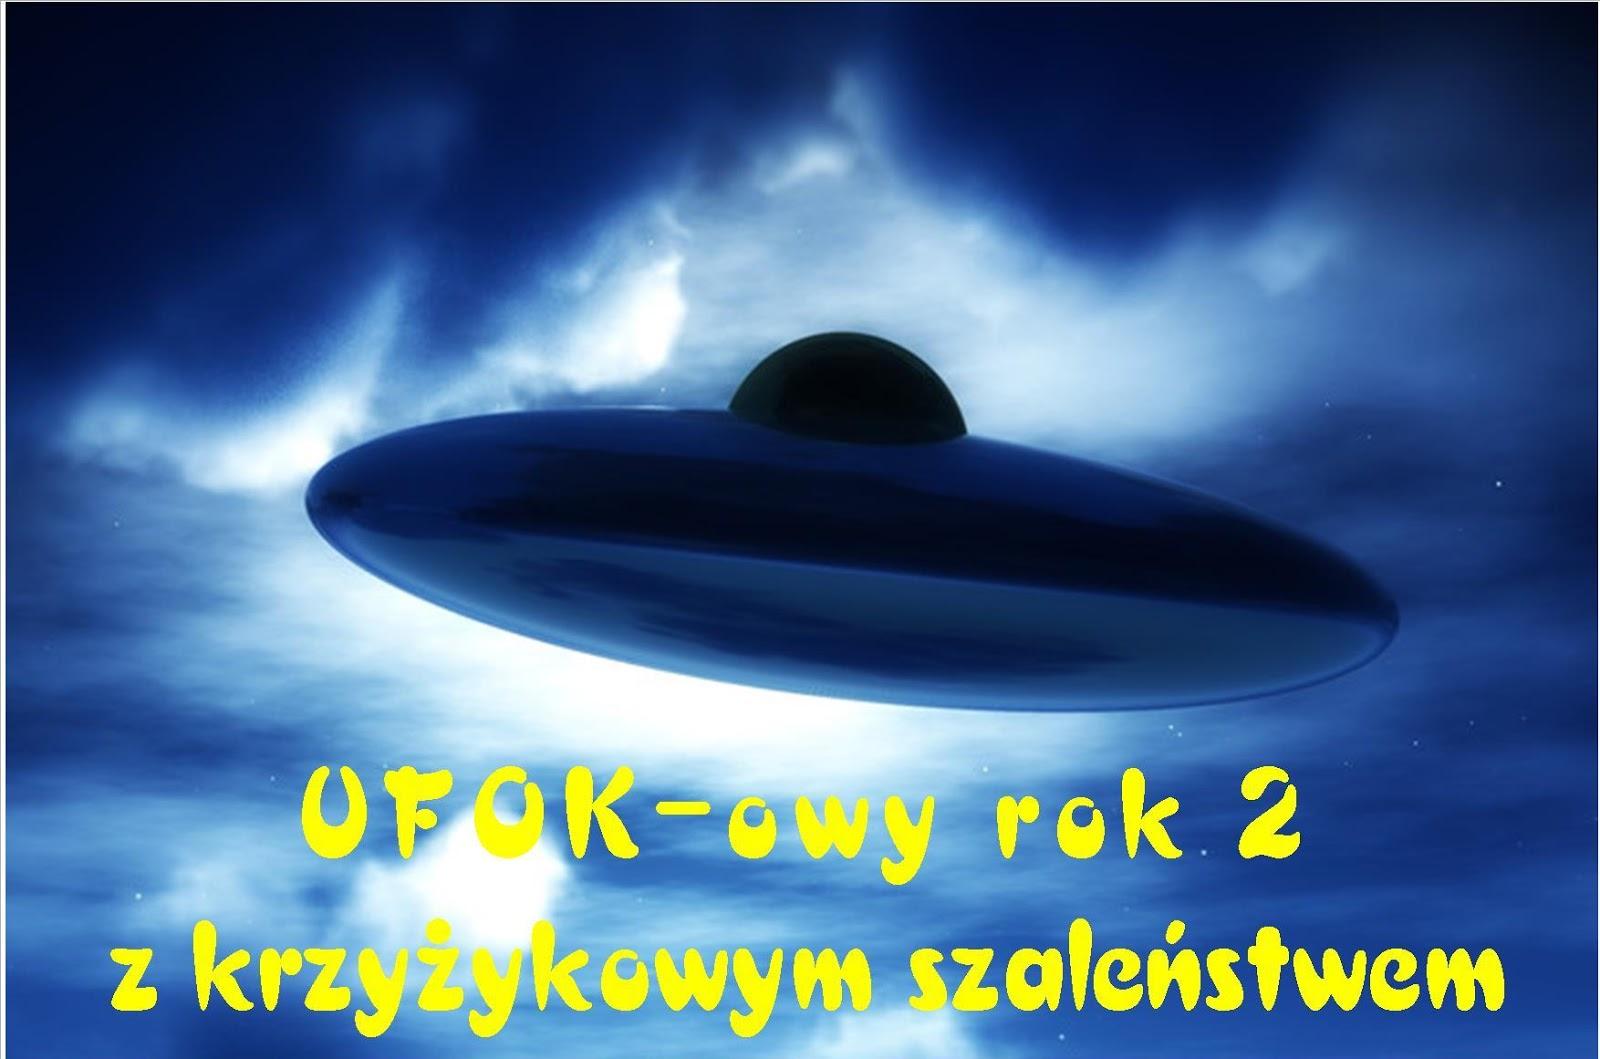 SAL UFOK-owy 2